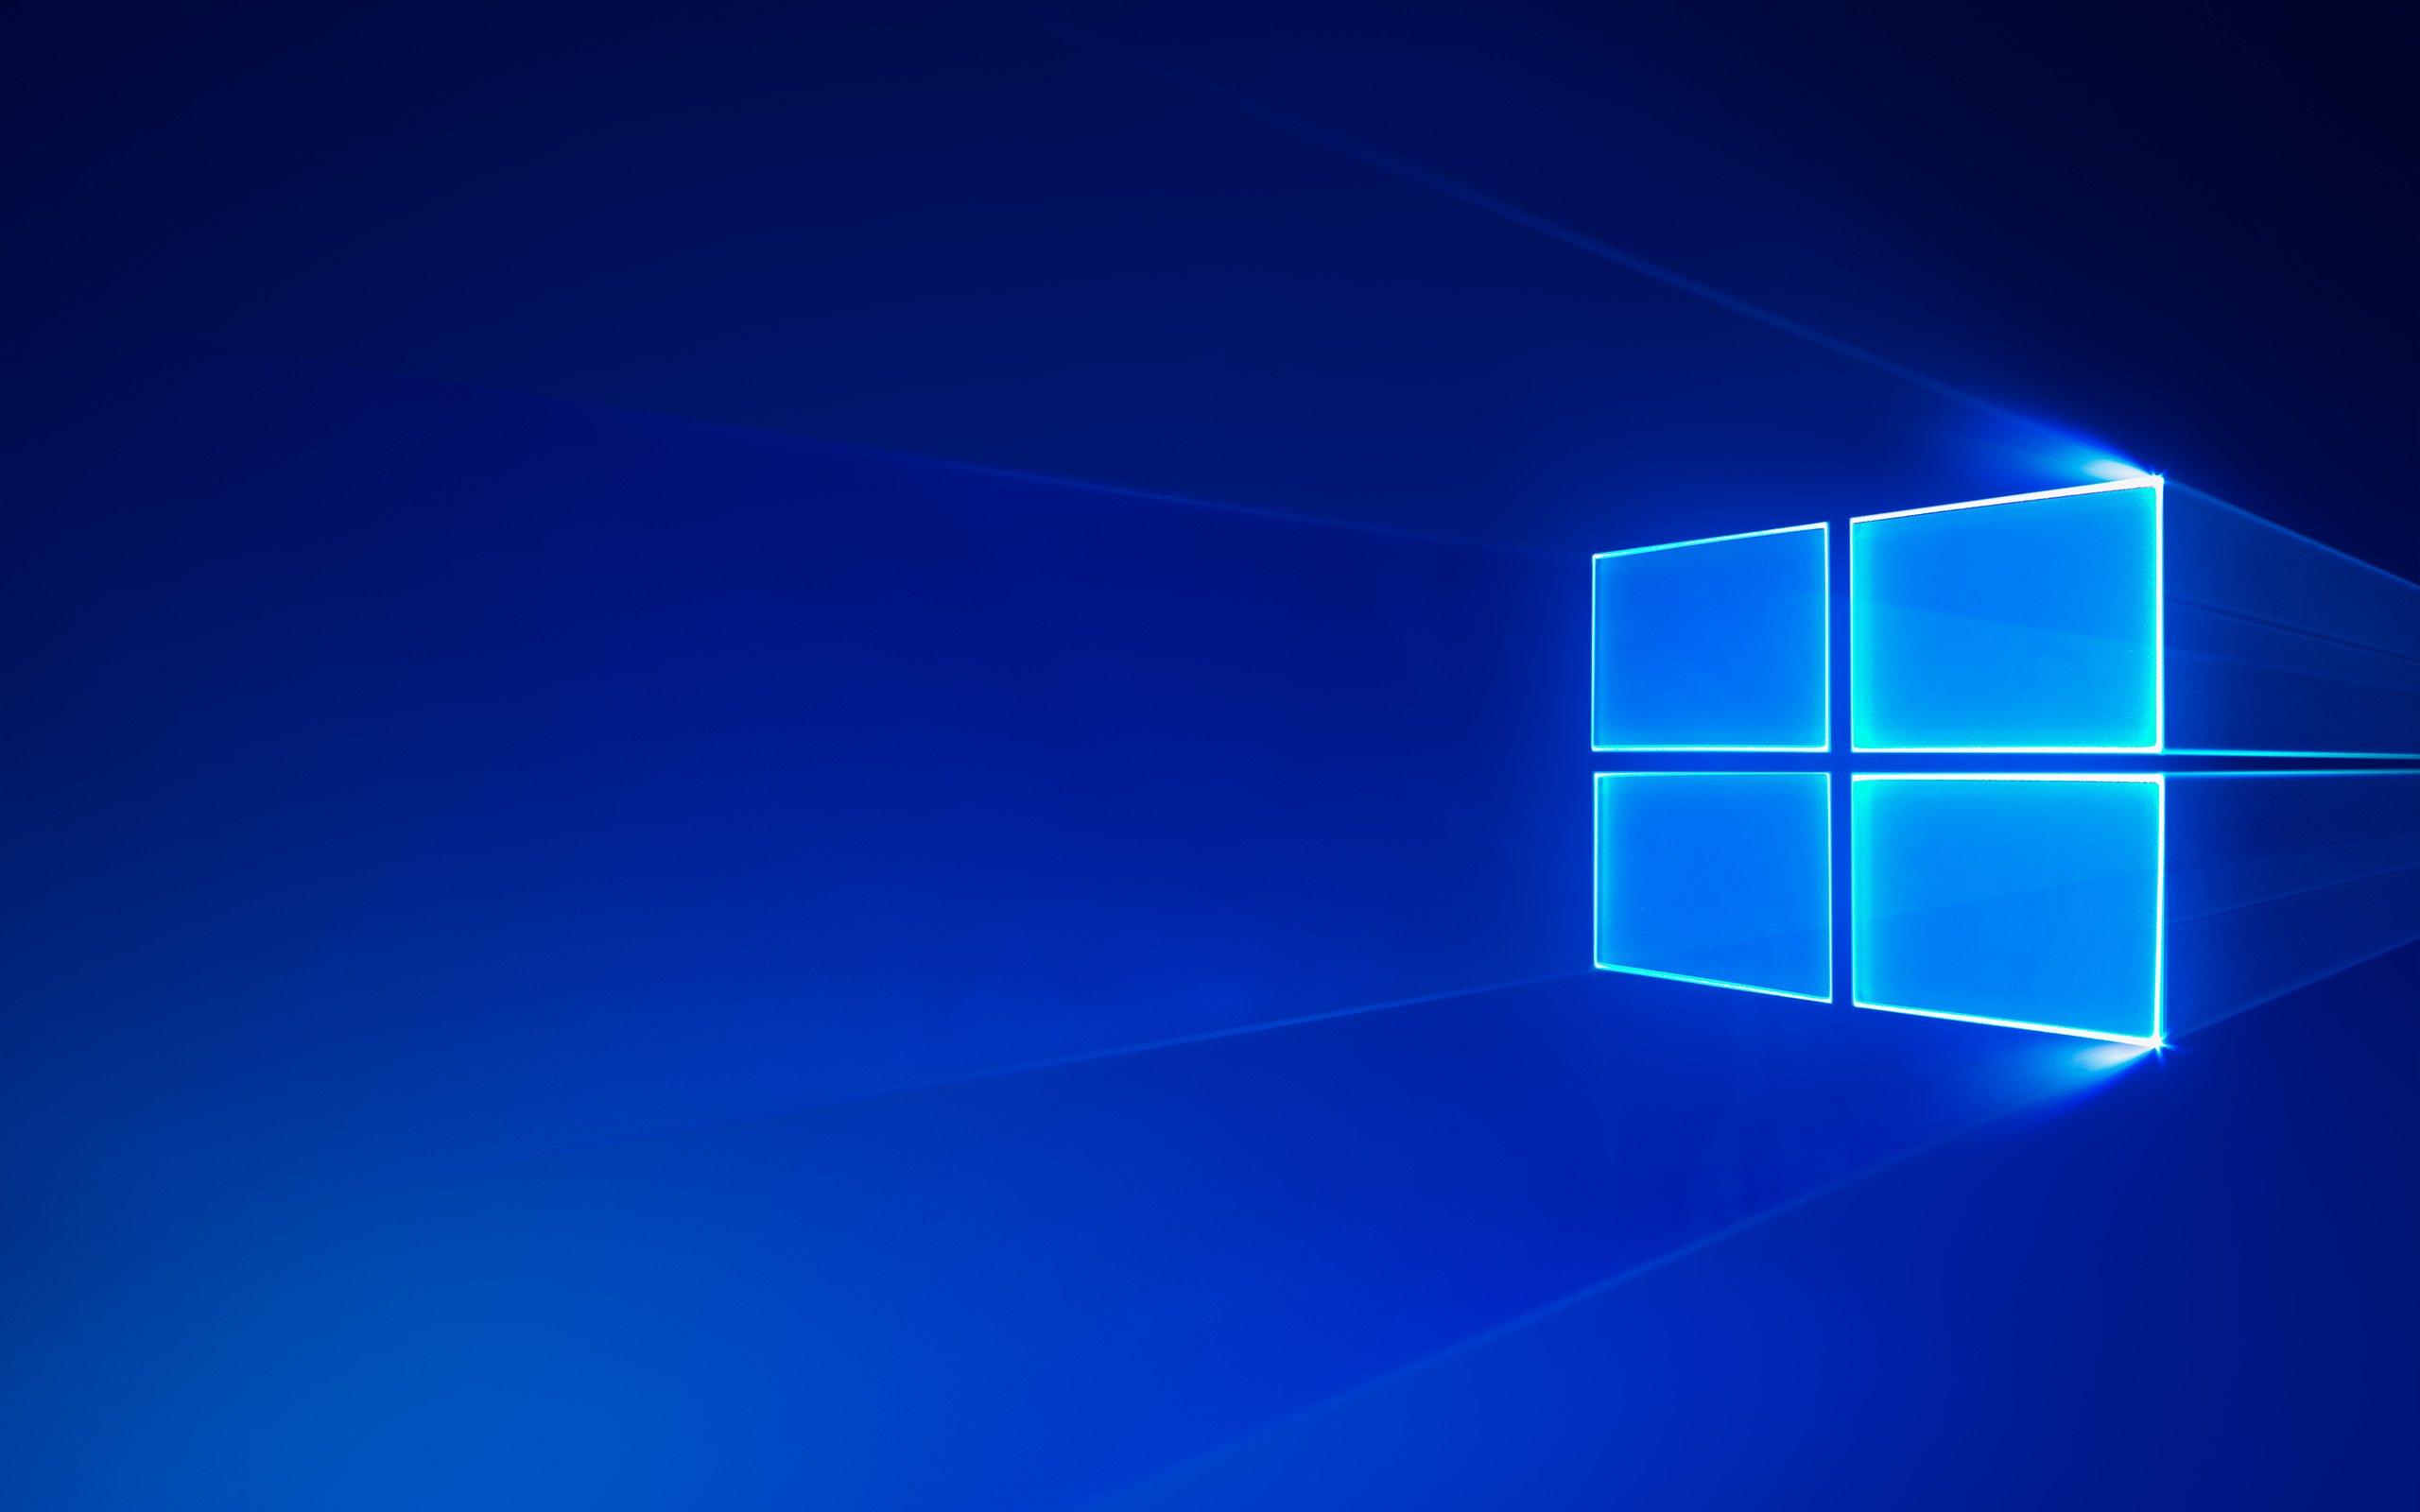 Neuer desktop hintergrund